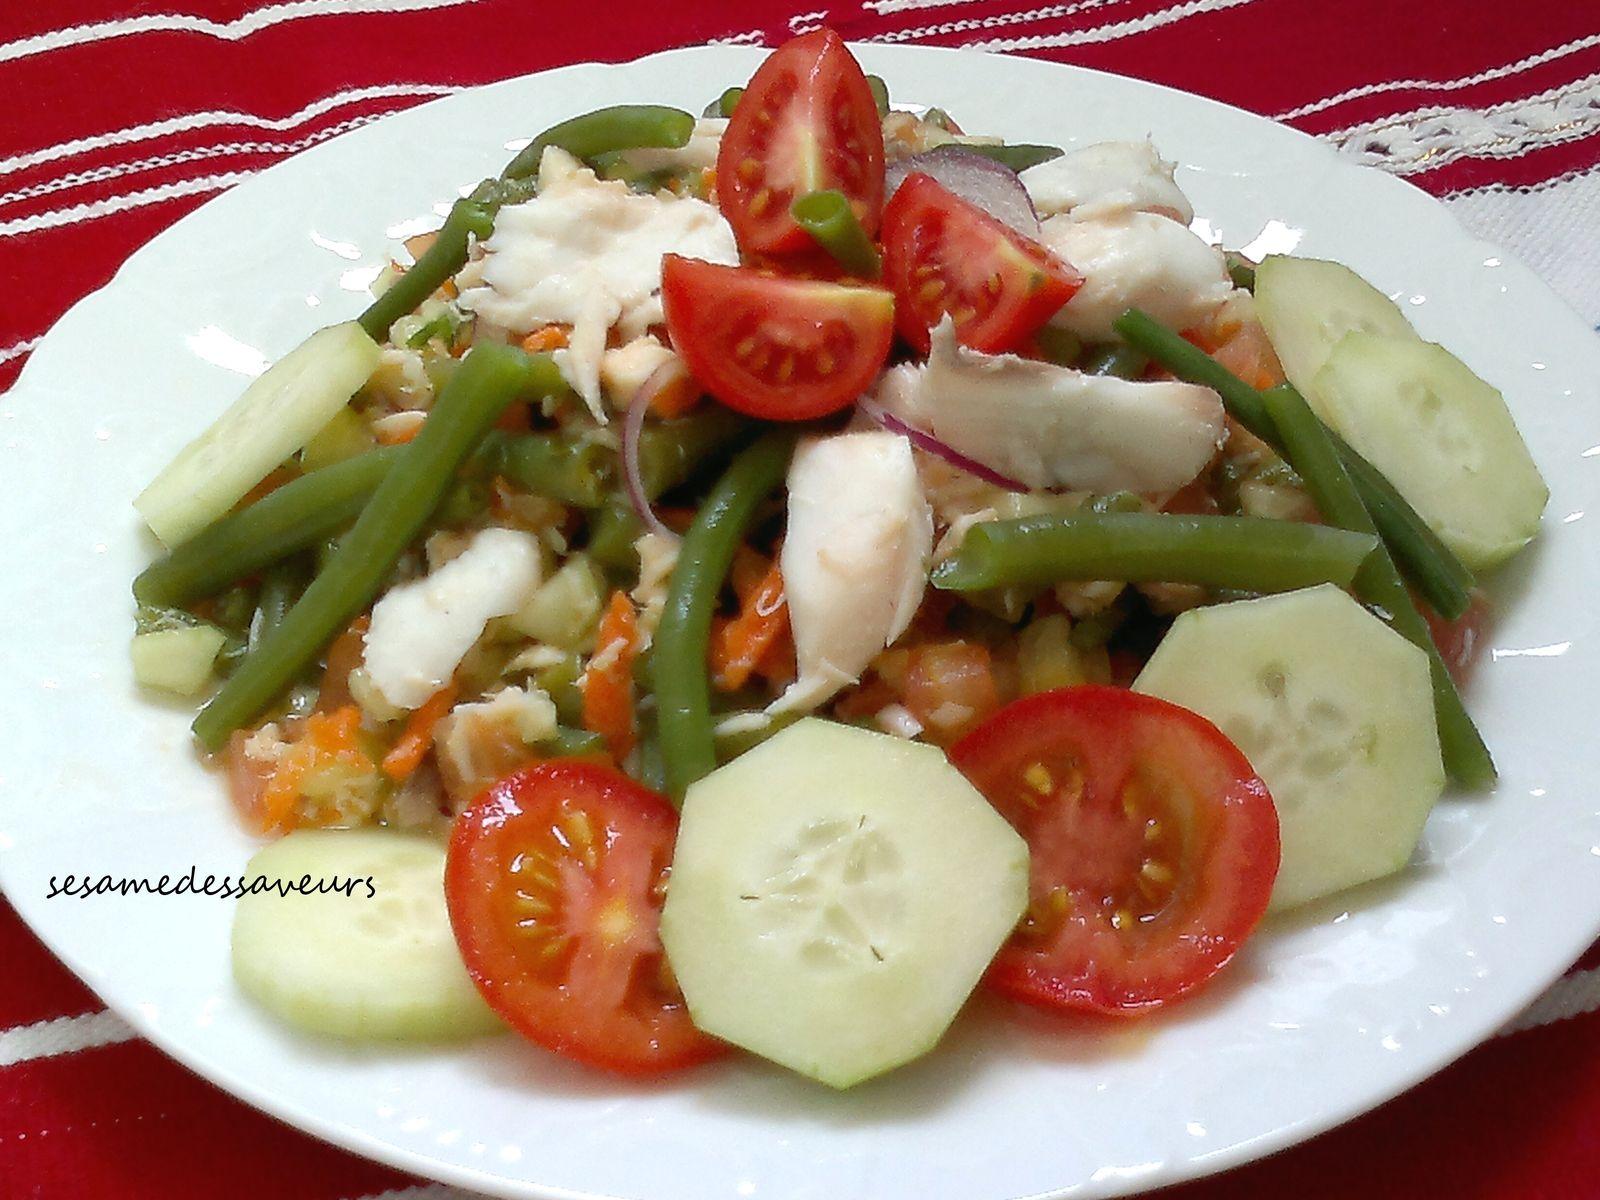 Salade de haricots verts au poisson